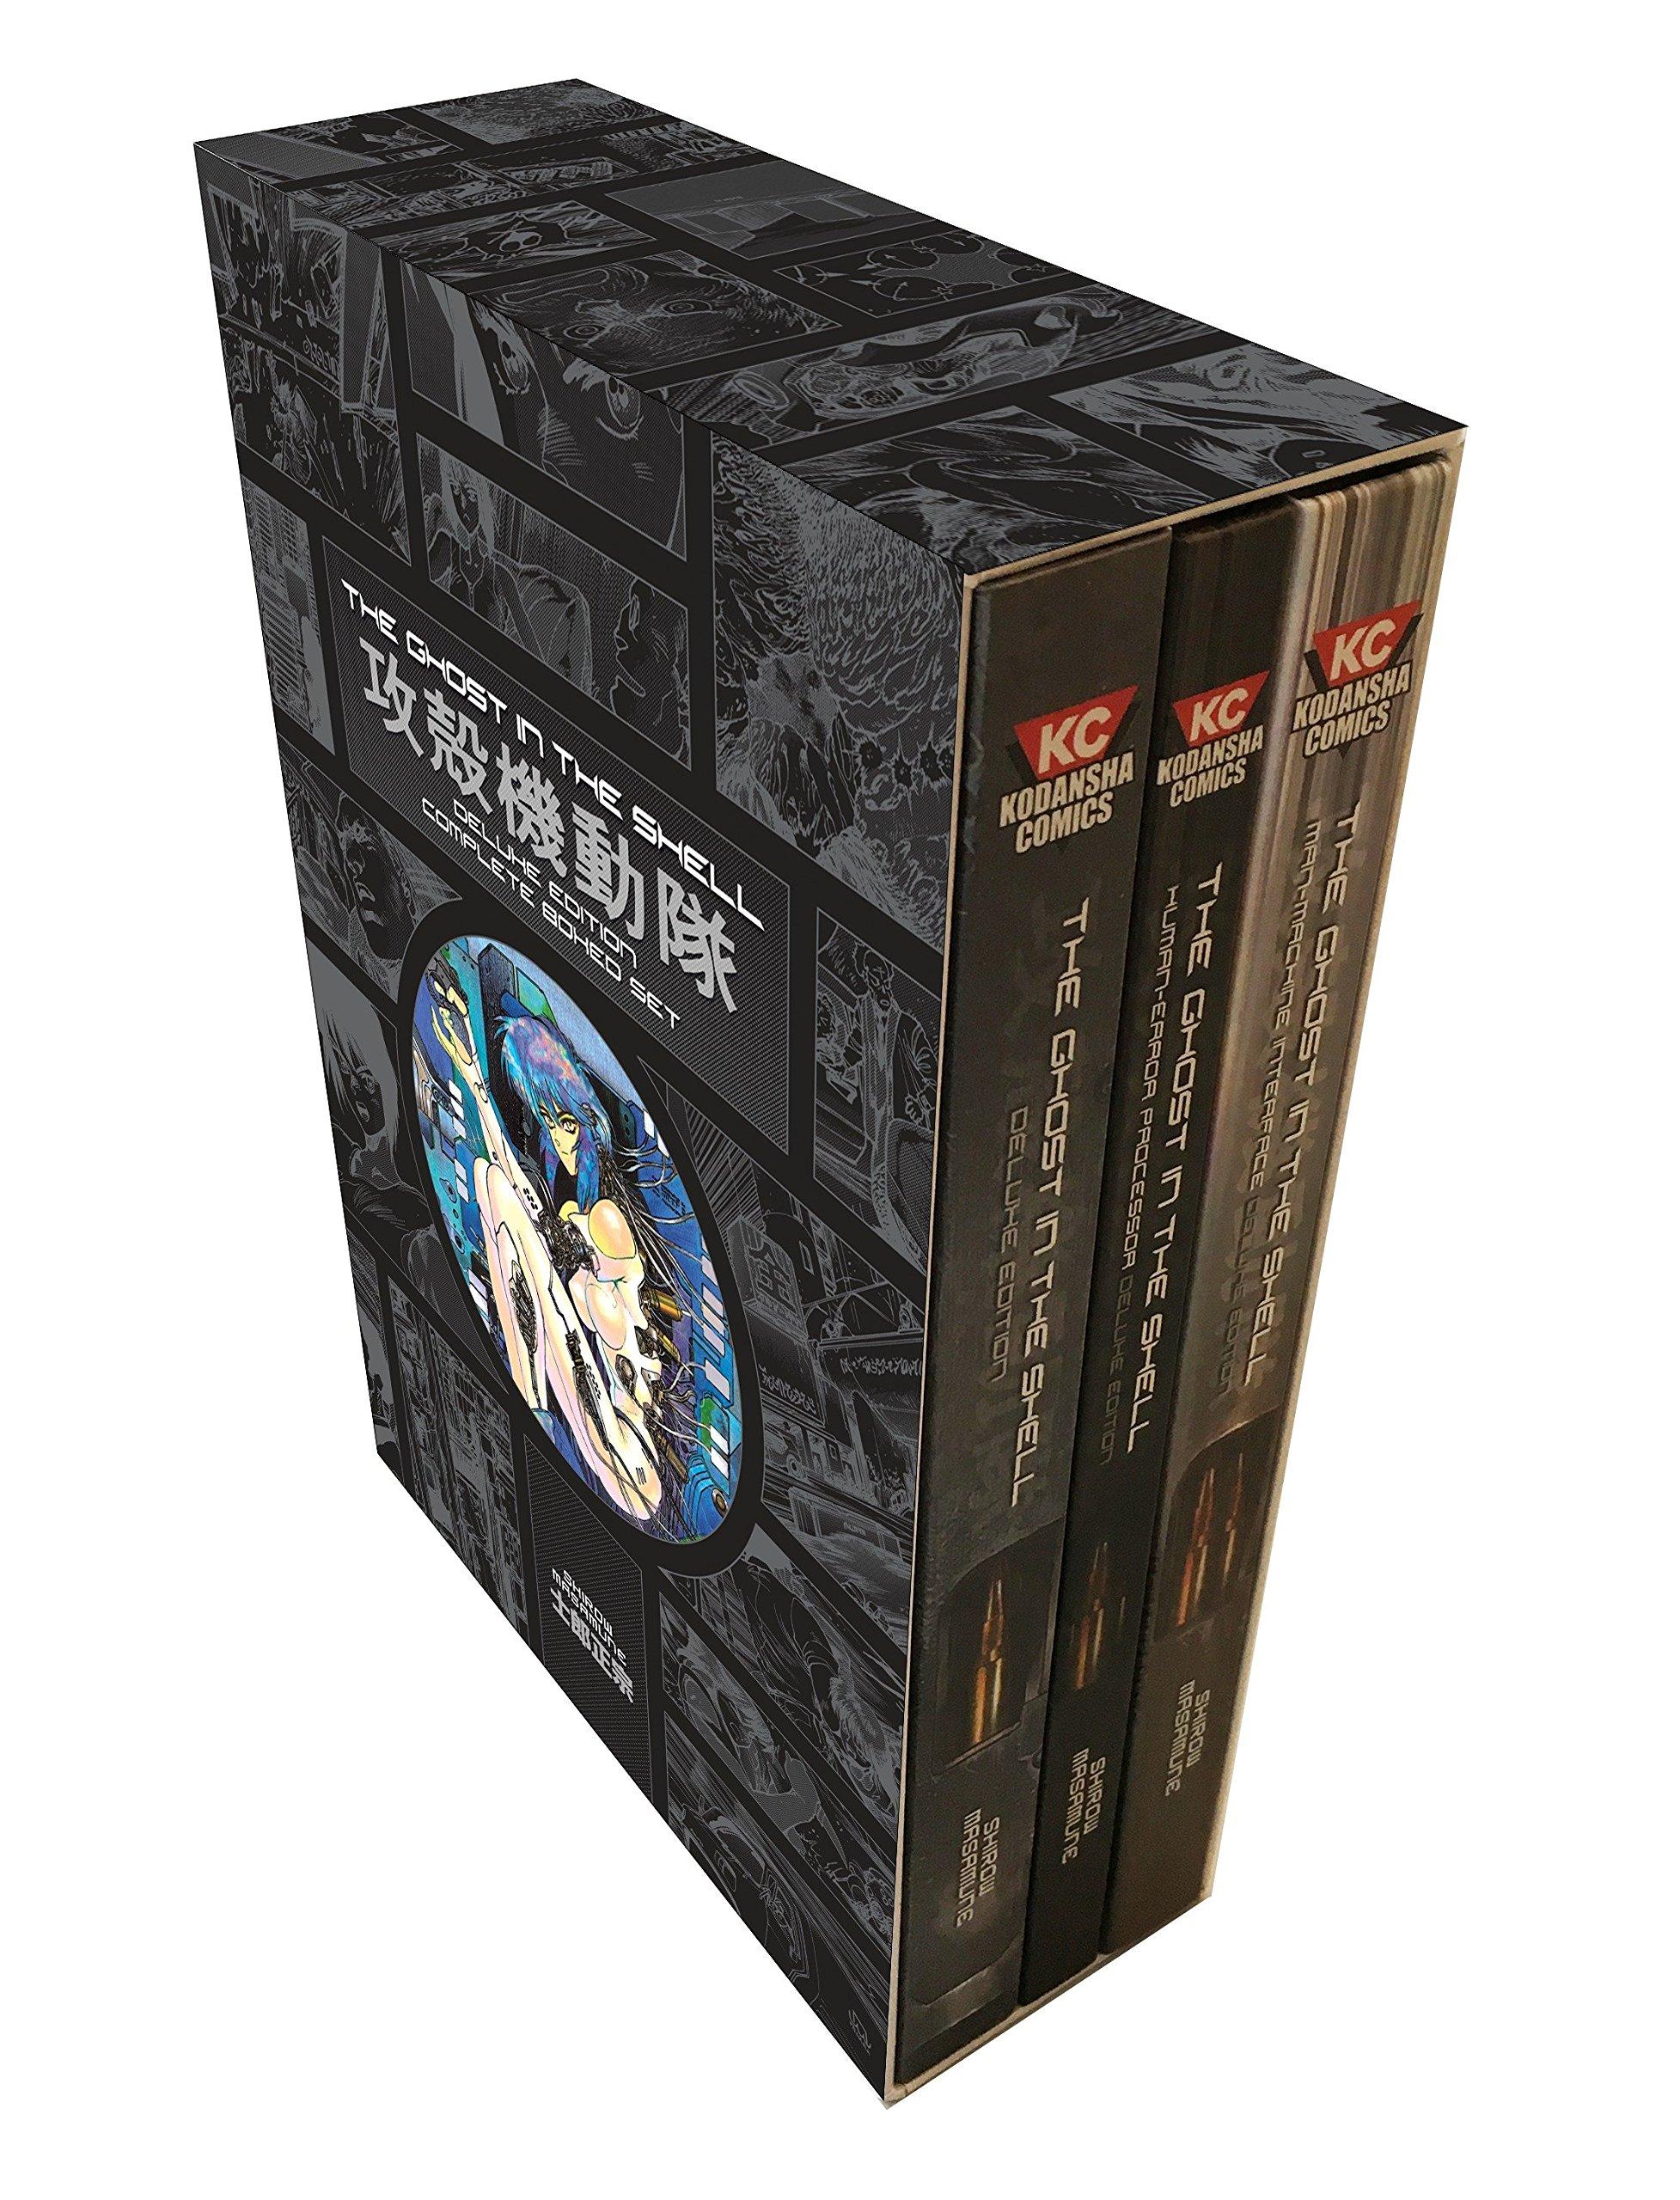 Ghost In The Shell Manga Set Cyberpunk